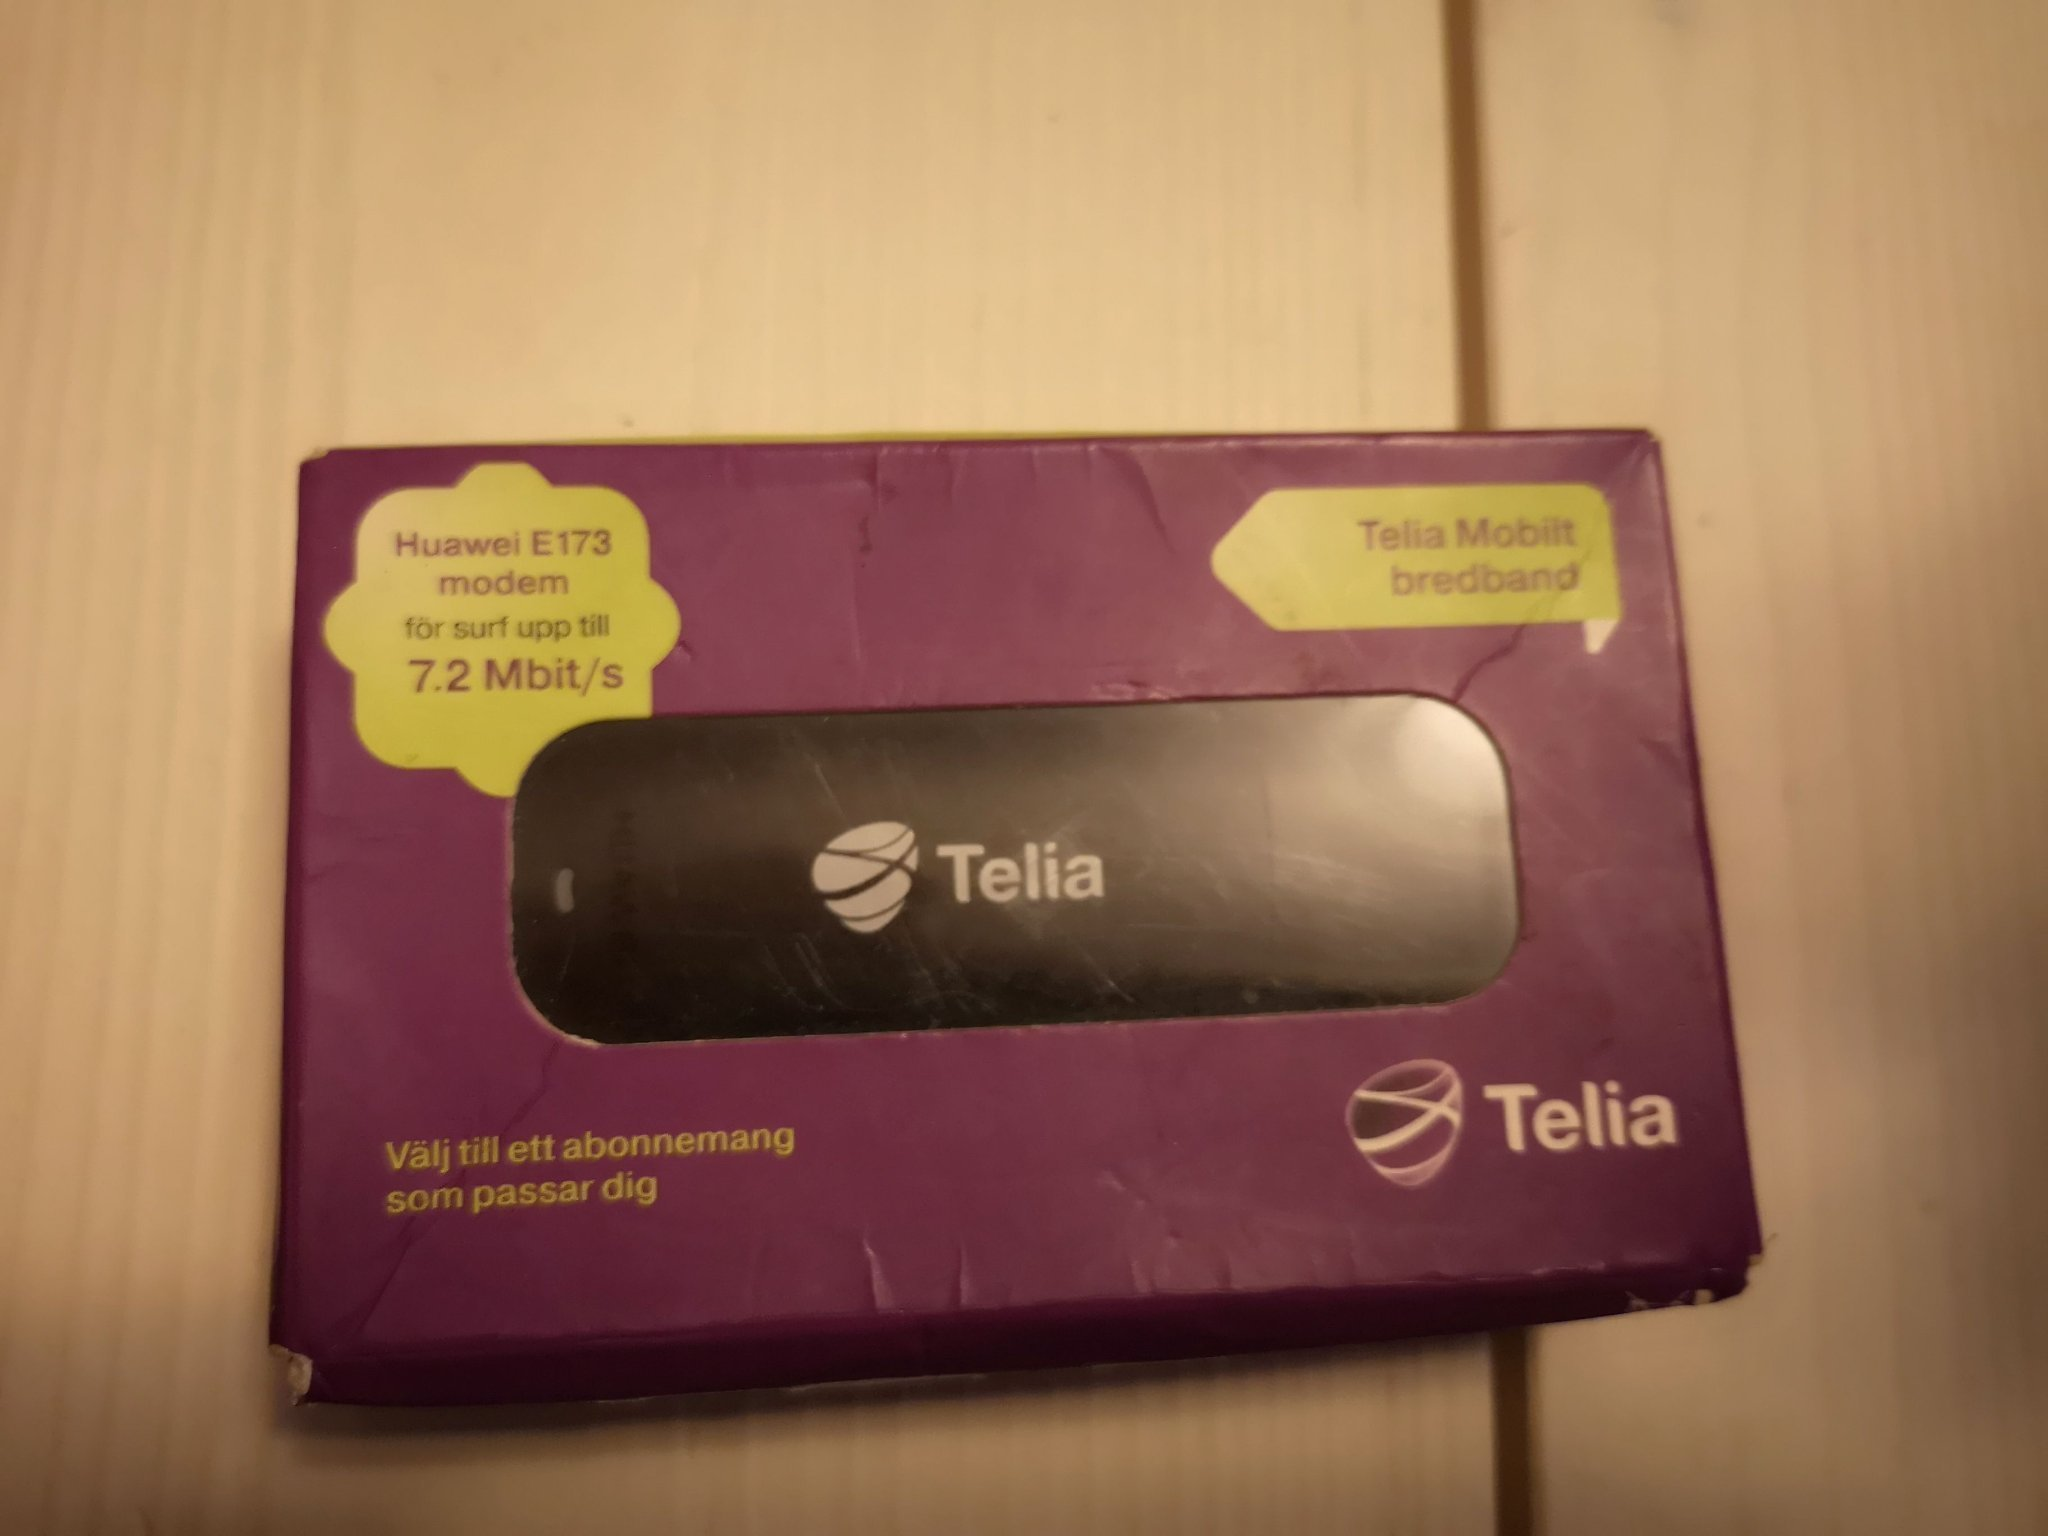 Mobilt bredband usb sticka telia